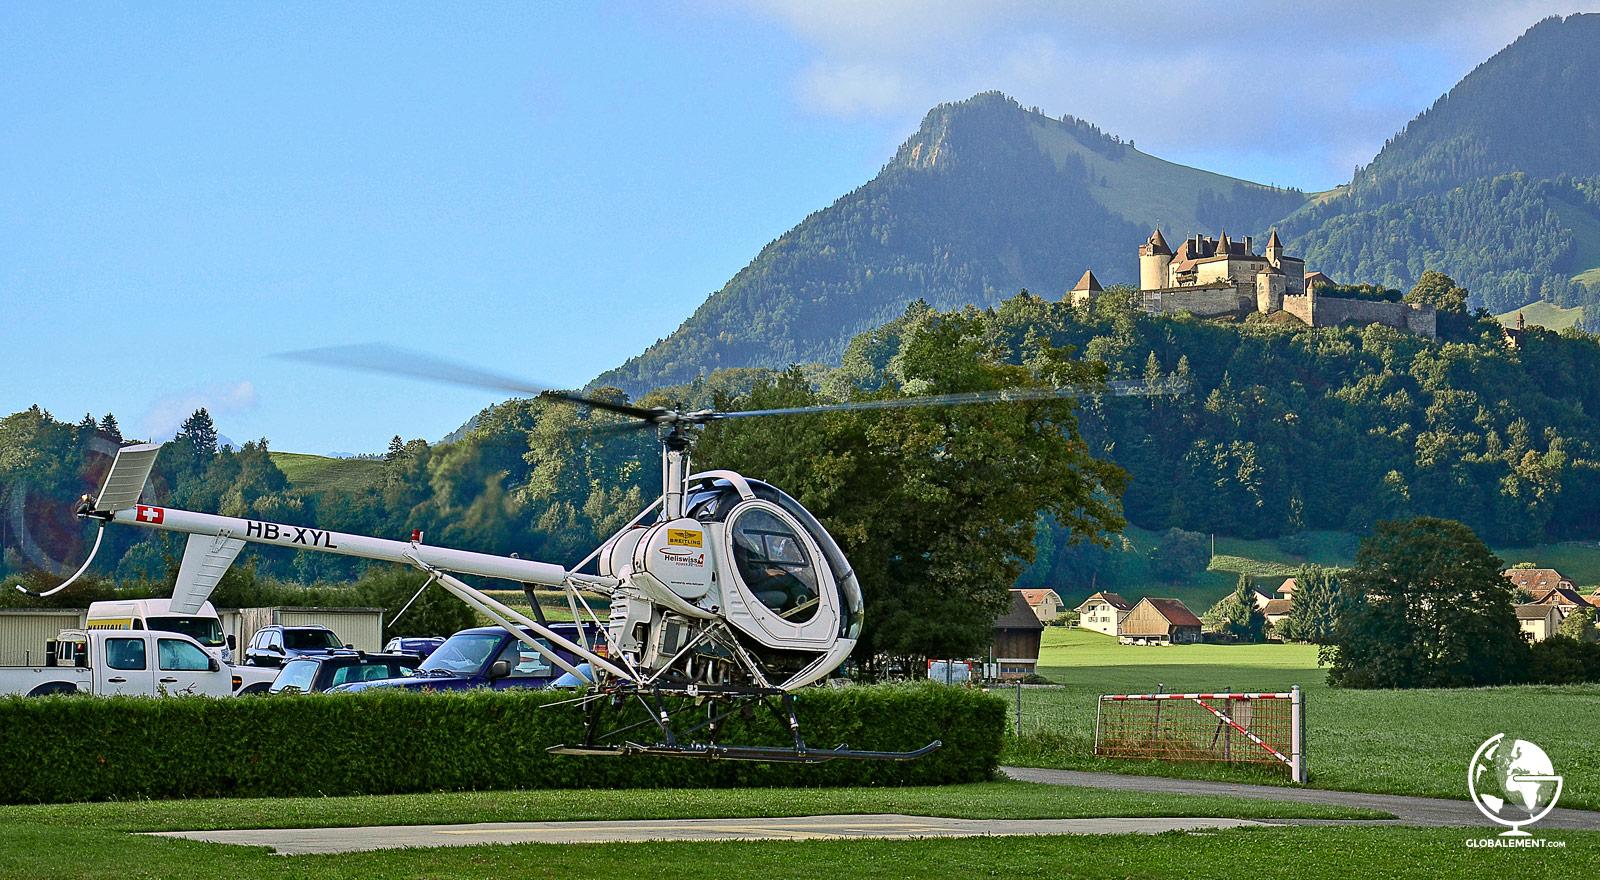 heliswiss-gruyere-suisse